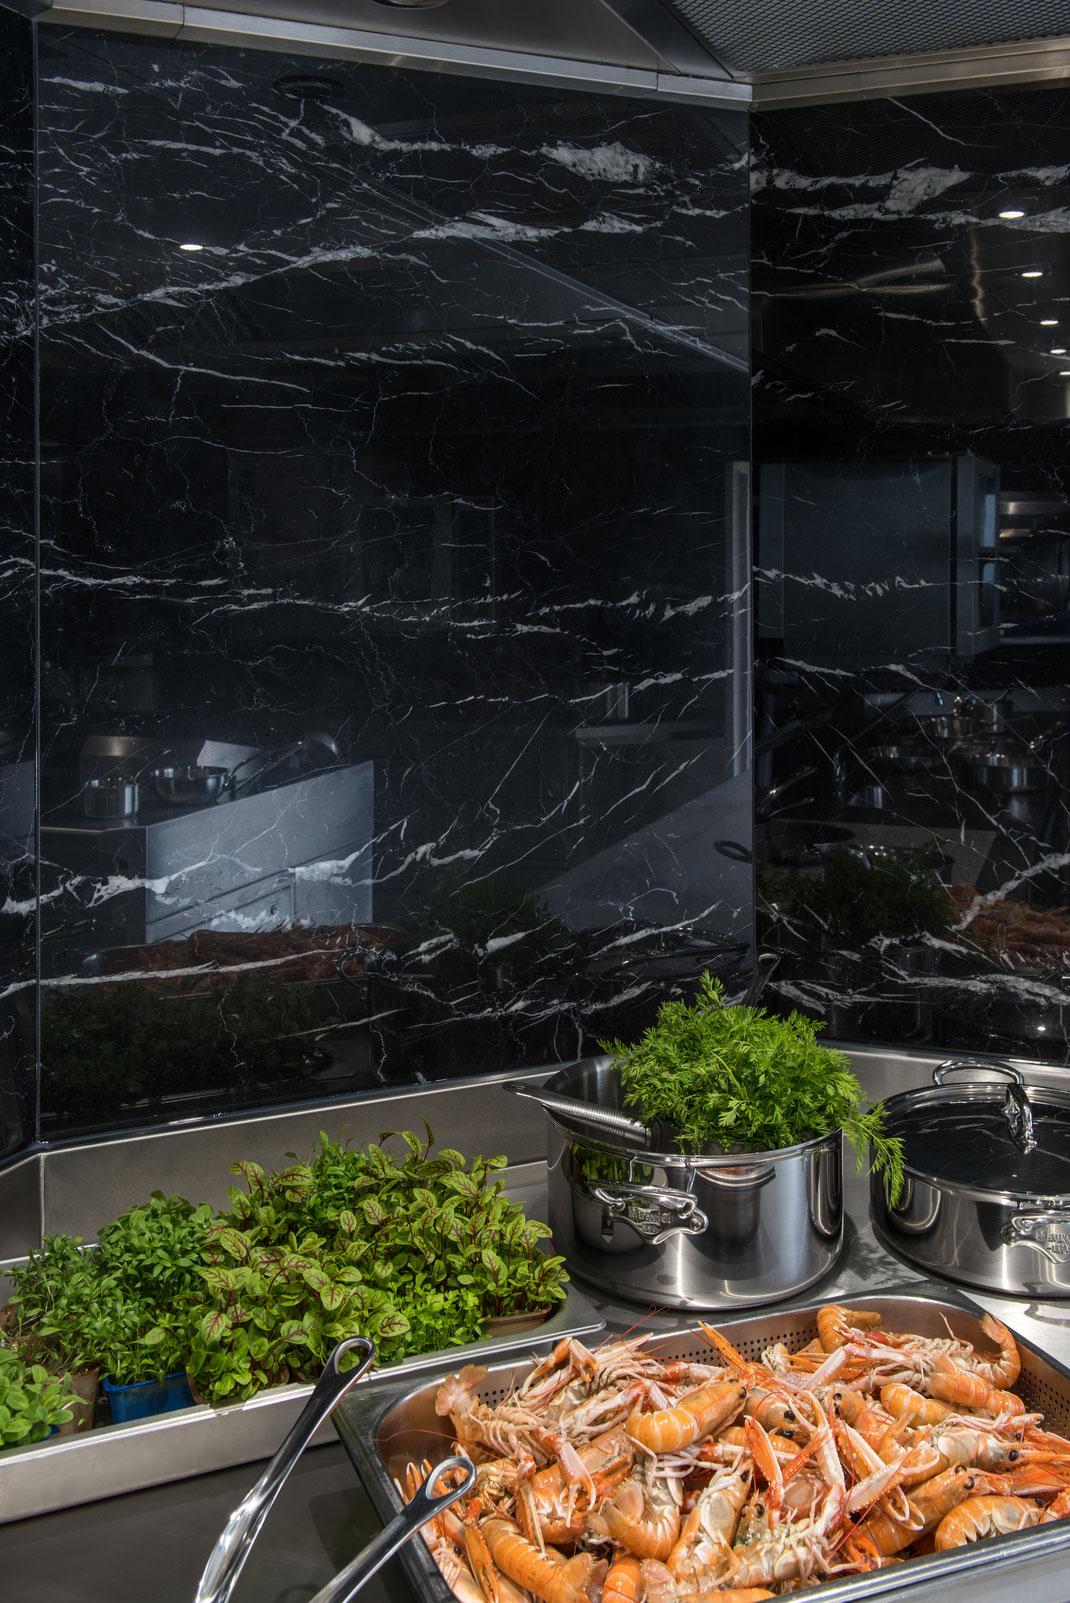 Cuisine inox avec habillage des murs en marbre noir et sol en terrazzo - Le Donjon Domaine Saint Clair - Etretat - France